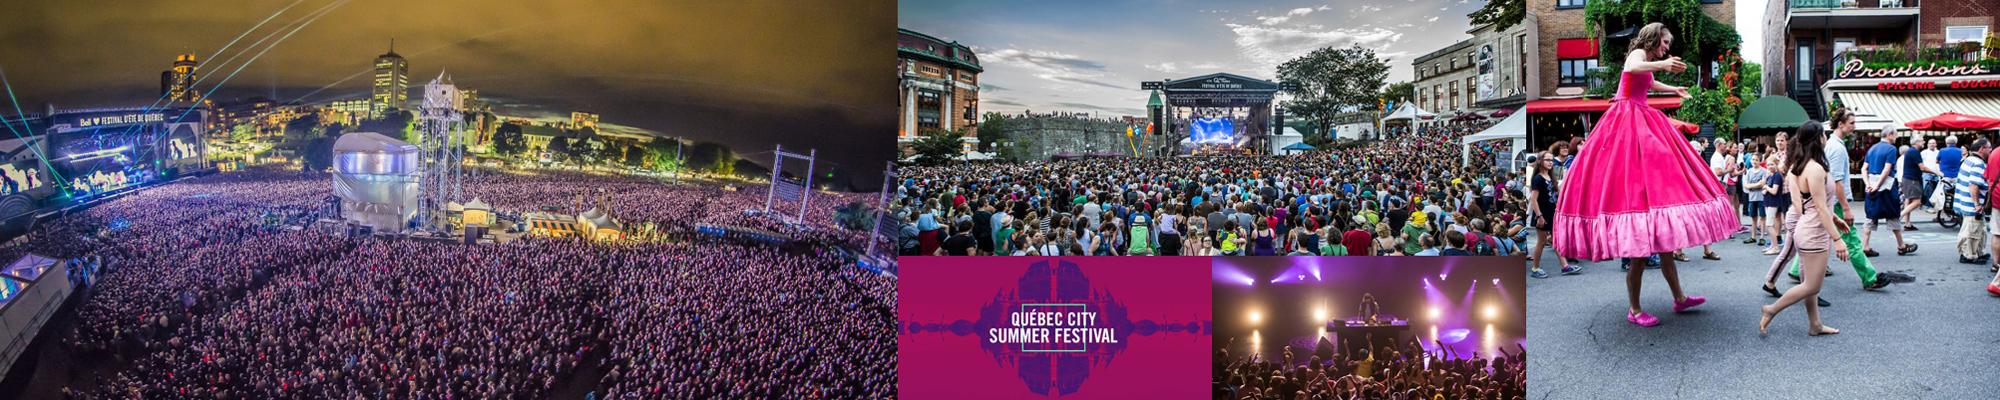 Festival musicali Canada: Quebec City Summer Festival